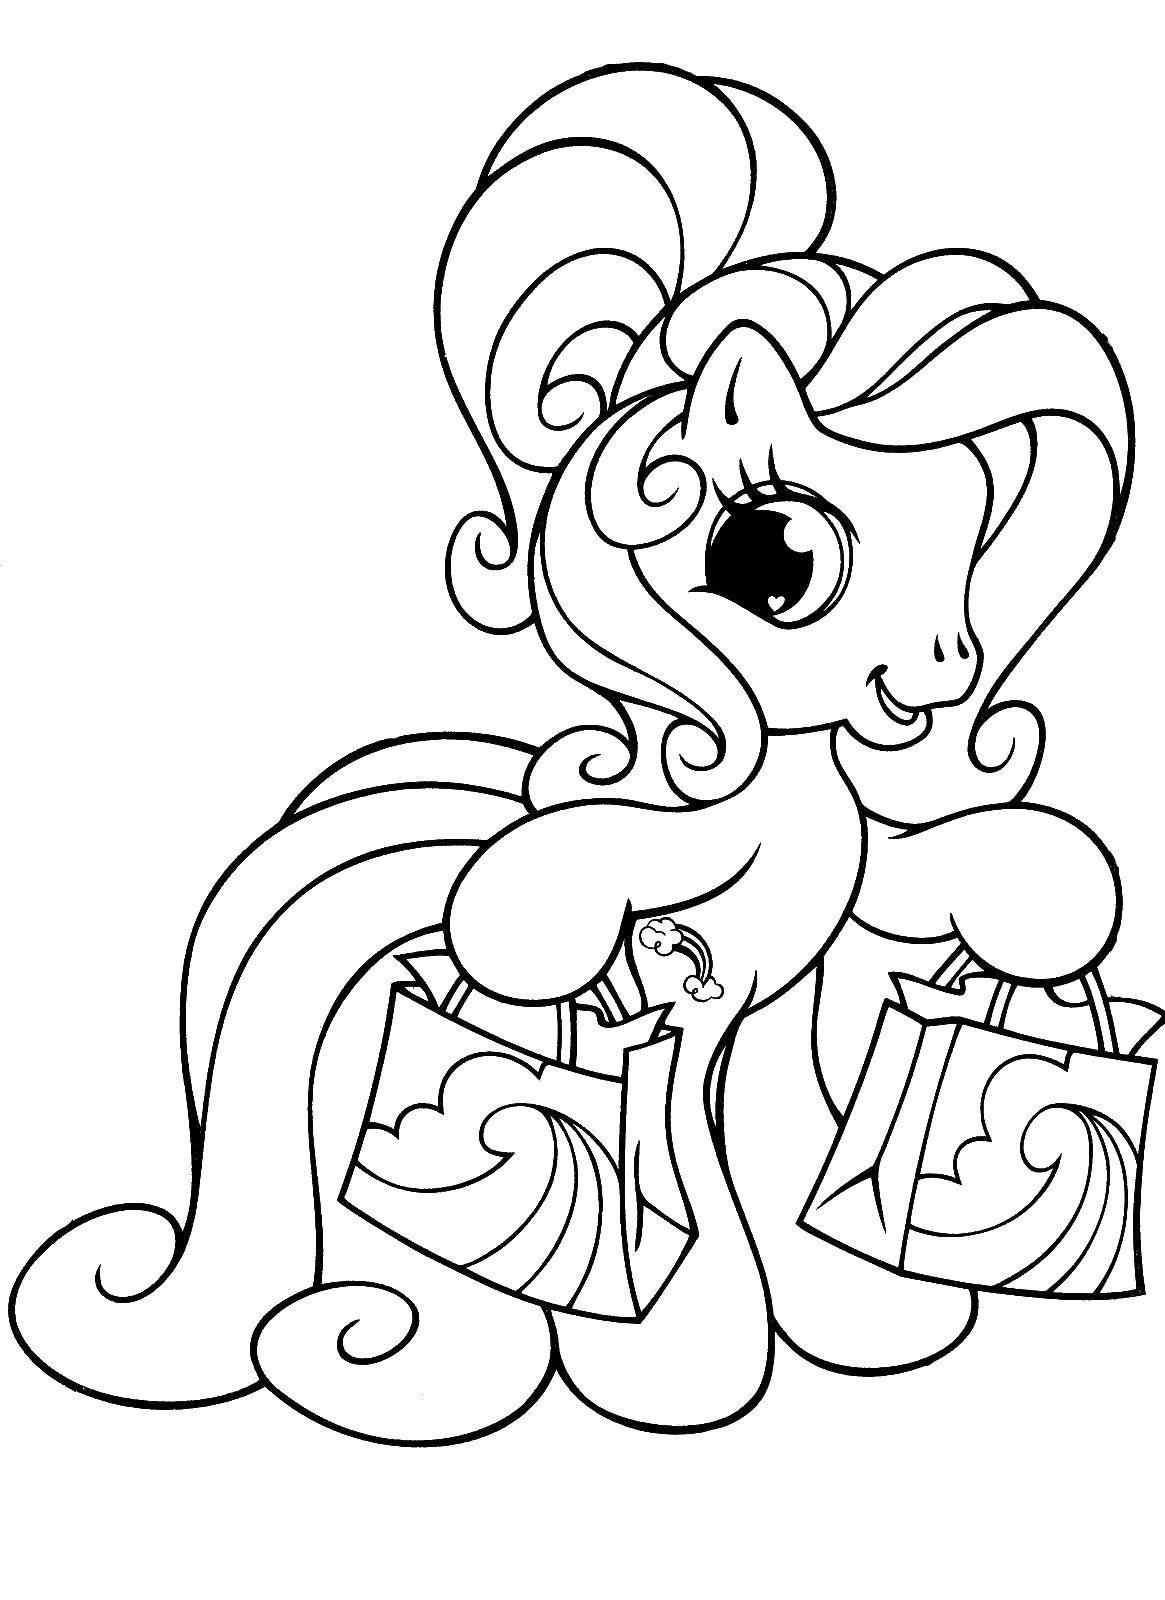 Раскраски веселятся, Раскраска Поняшки веселятся Пони.